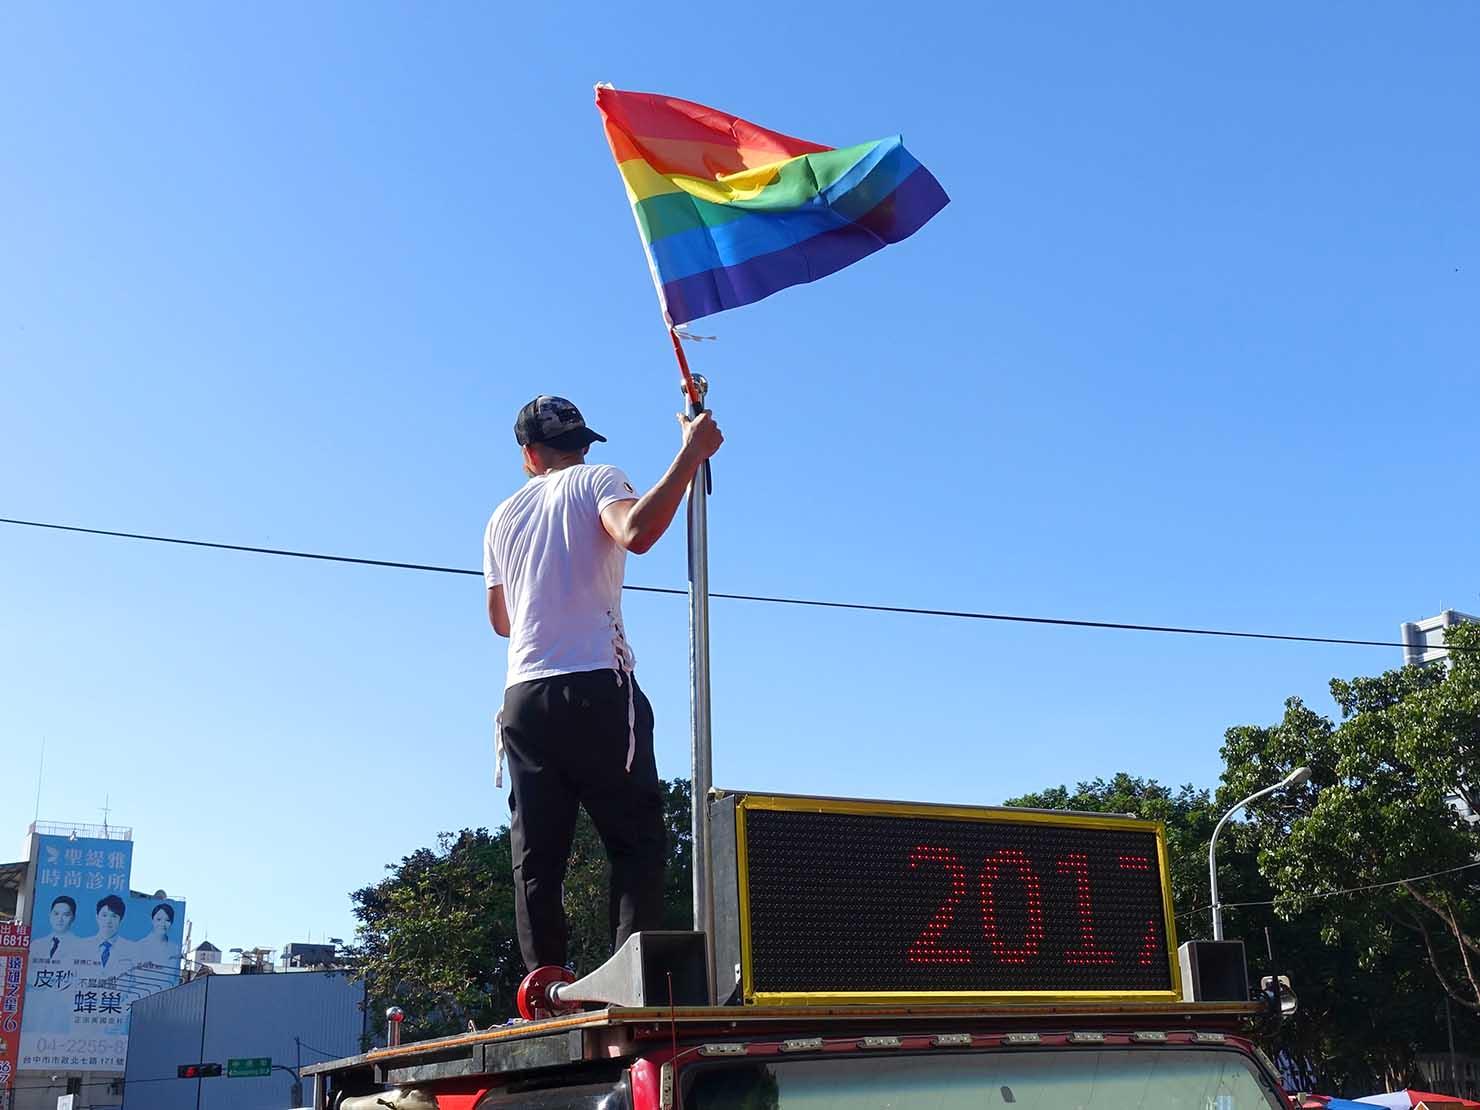 台中同志遊行(台中LGBTプライド)2017の先導車でレインボーフラッグを掲げる男性